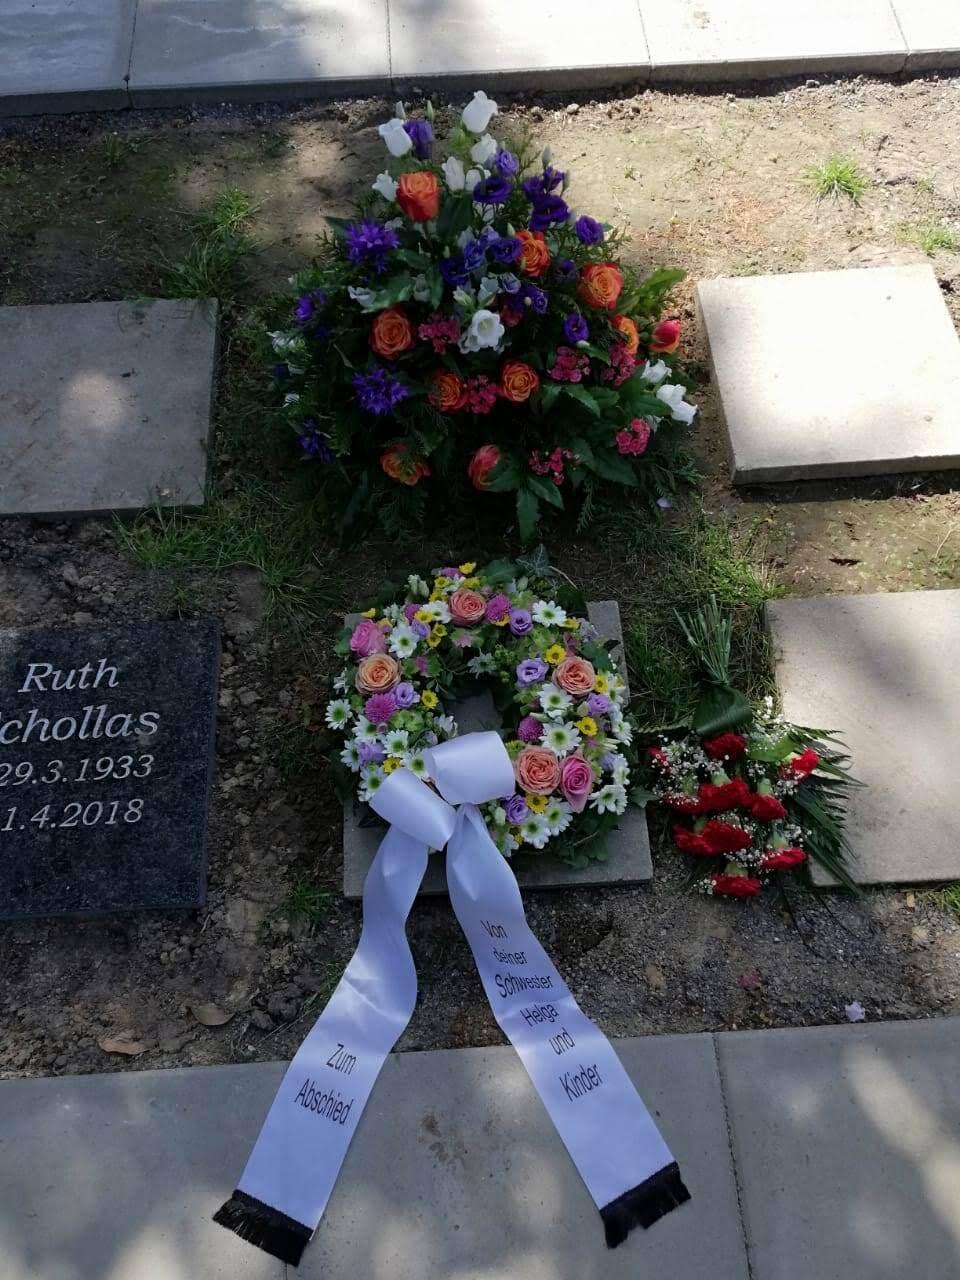 IMG 20180517 WA0014 - Wie war die Beerdigung für mich?